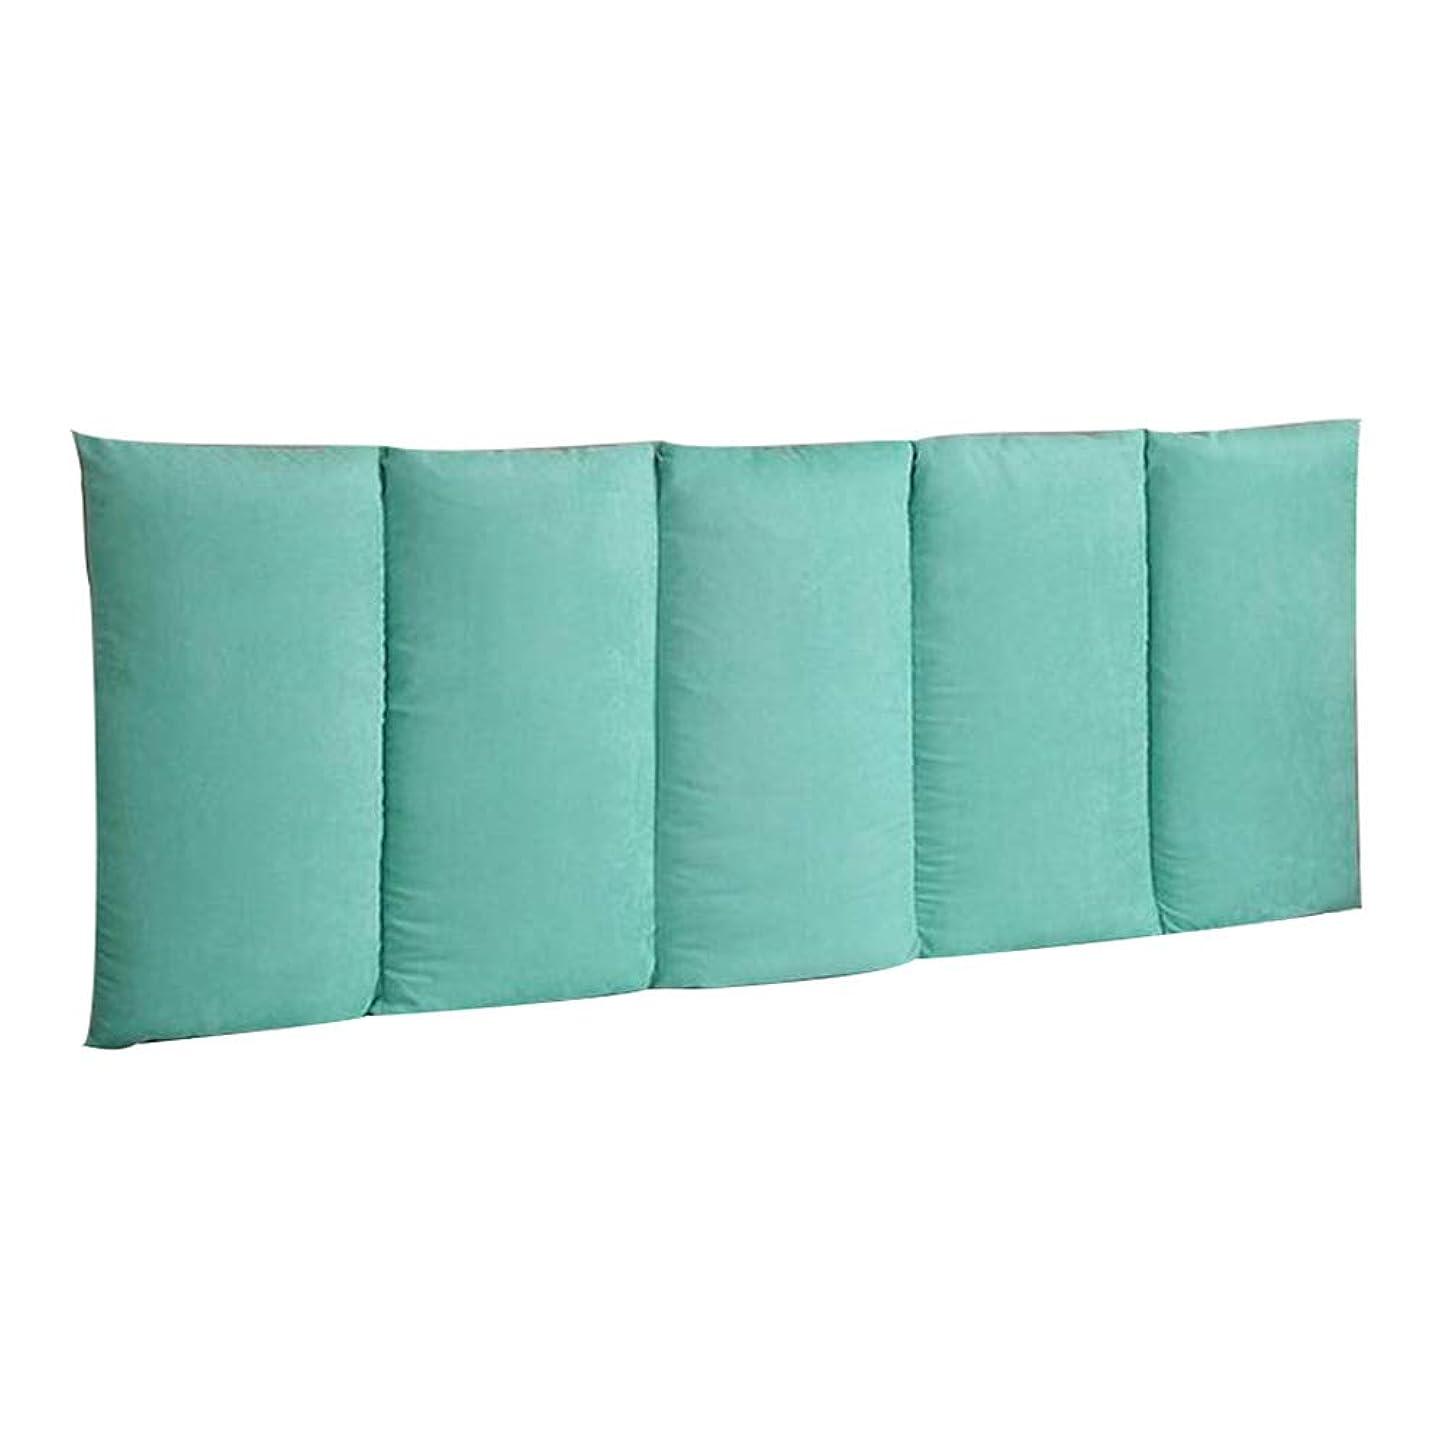 展示会人口精緻化IAIZI ヘッドボードベッドなしのベッドバッククッション、柔らかい袋大きな枕ウエストパッドは、10色、5サイズ、洗浄することができます (色 : 7#, サイズ さいず : 120x60cm)